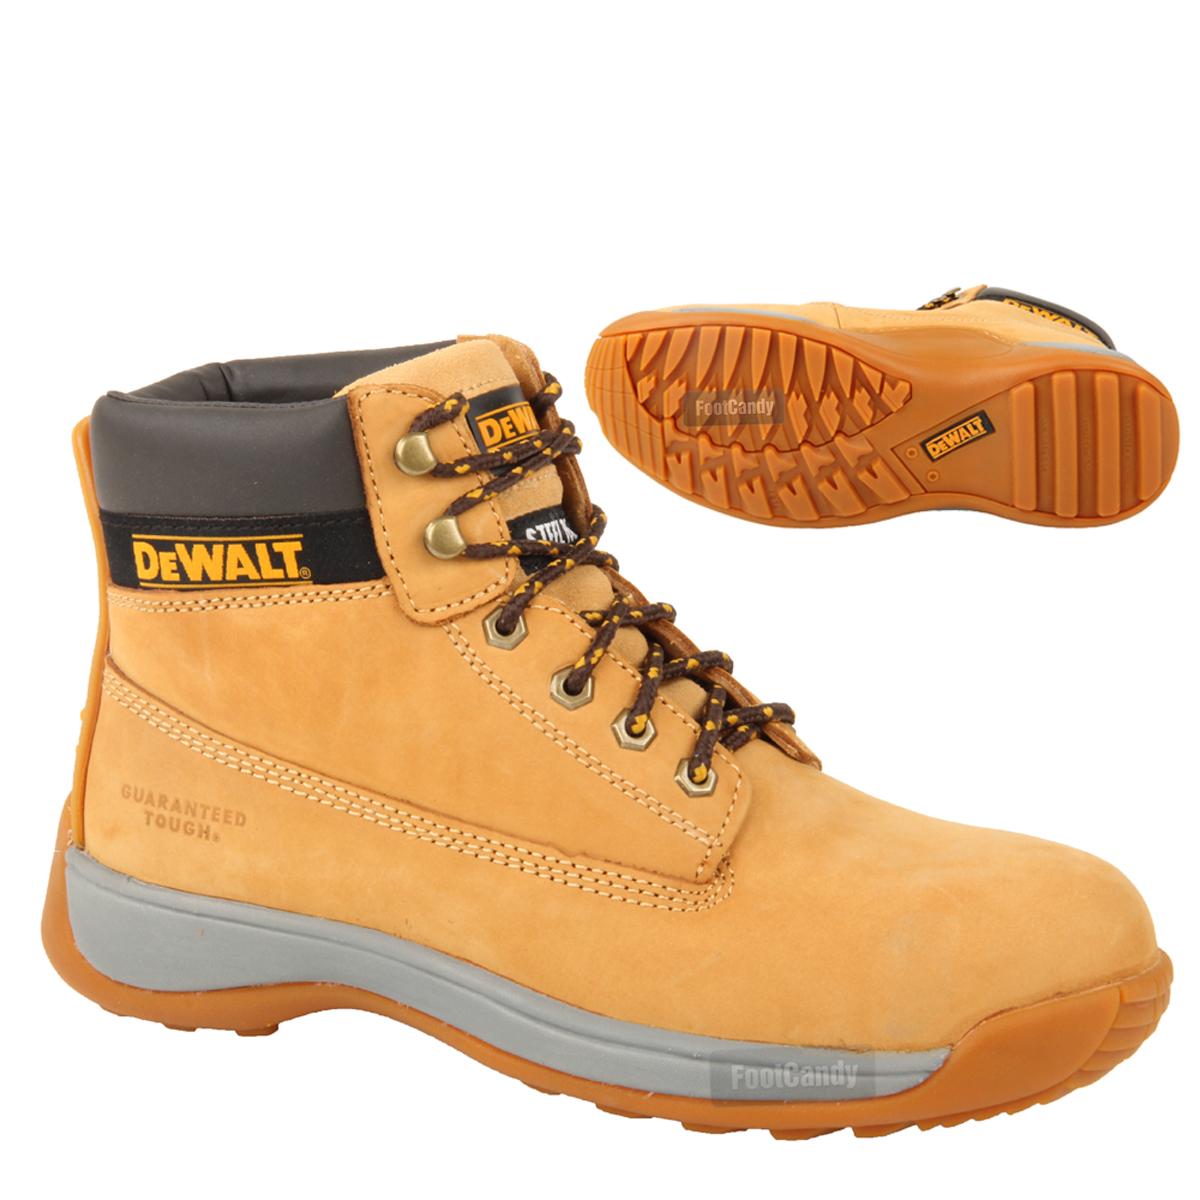 Dewalt Safety Shoes Online India